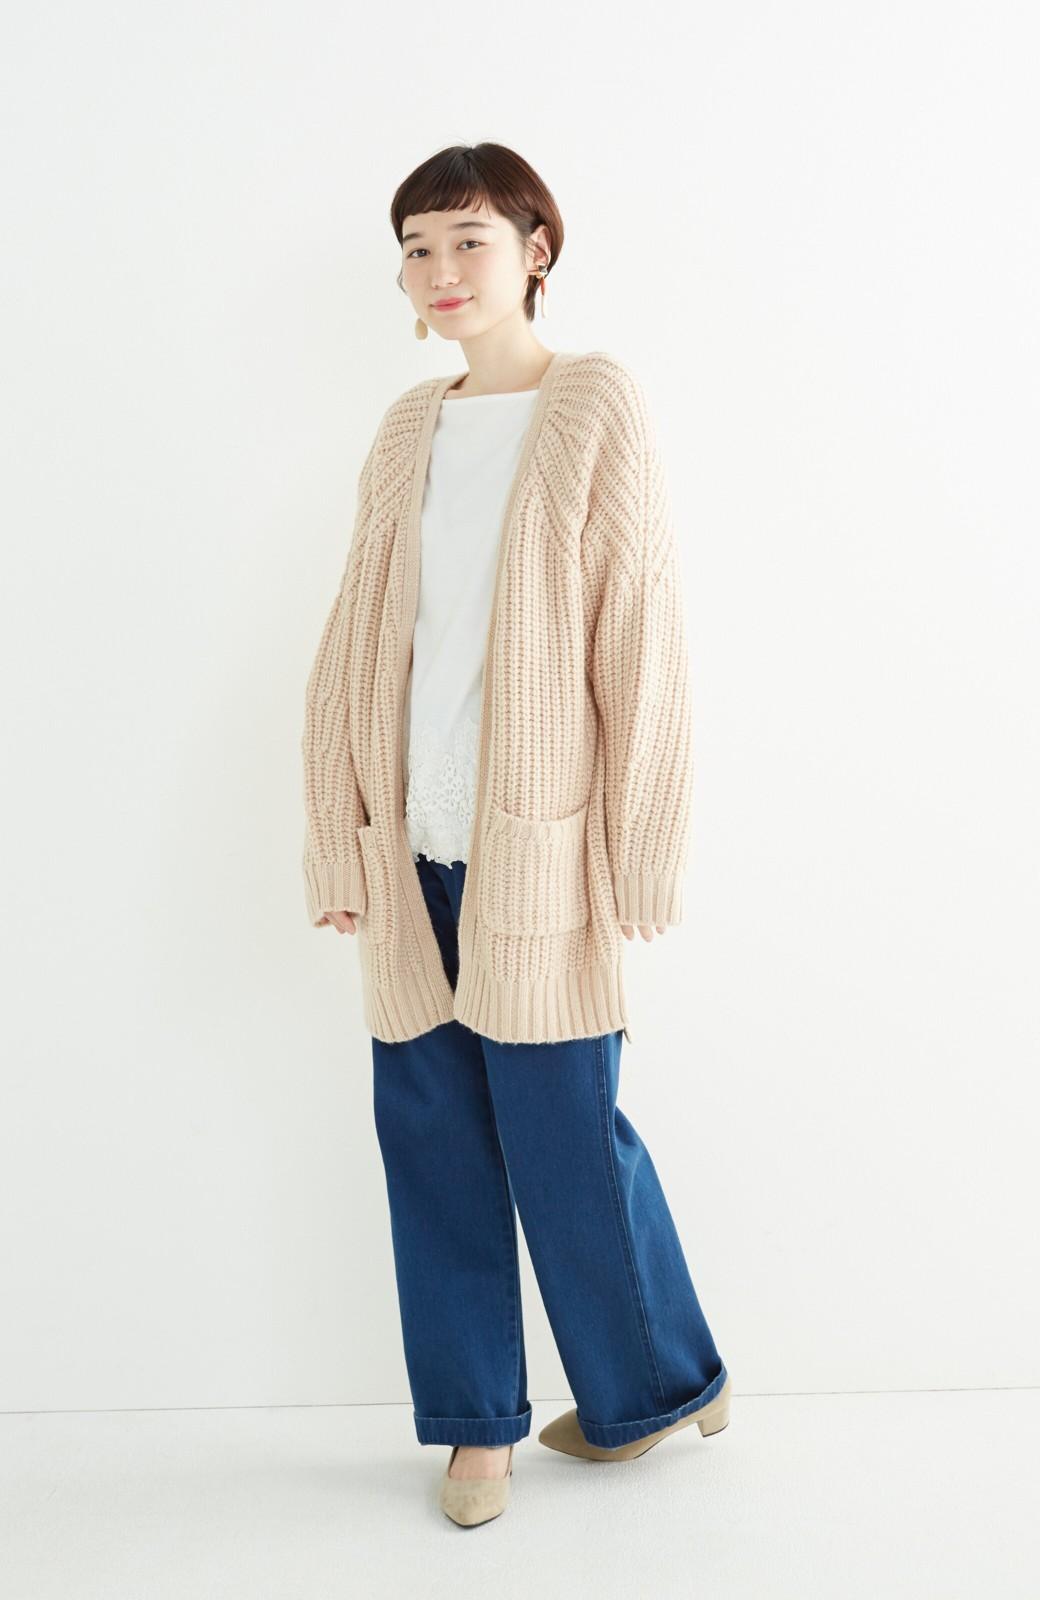 エムトロワ ぱっと羽織るのに便利なざっくり編みカーディガン <ライトベージュ>の商品写真6